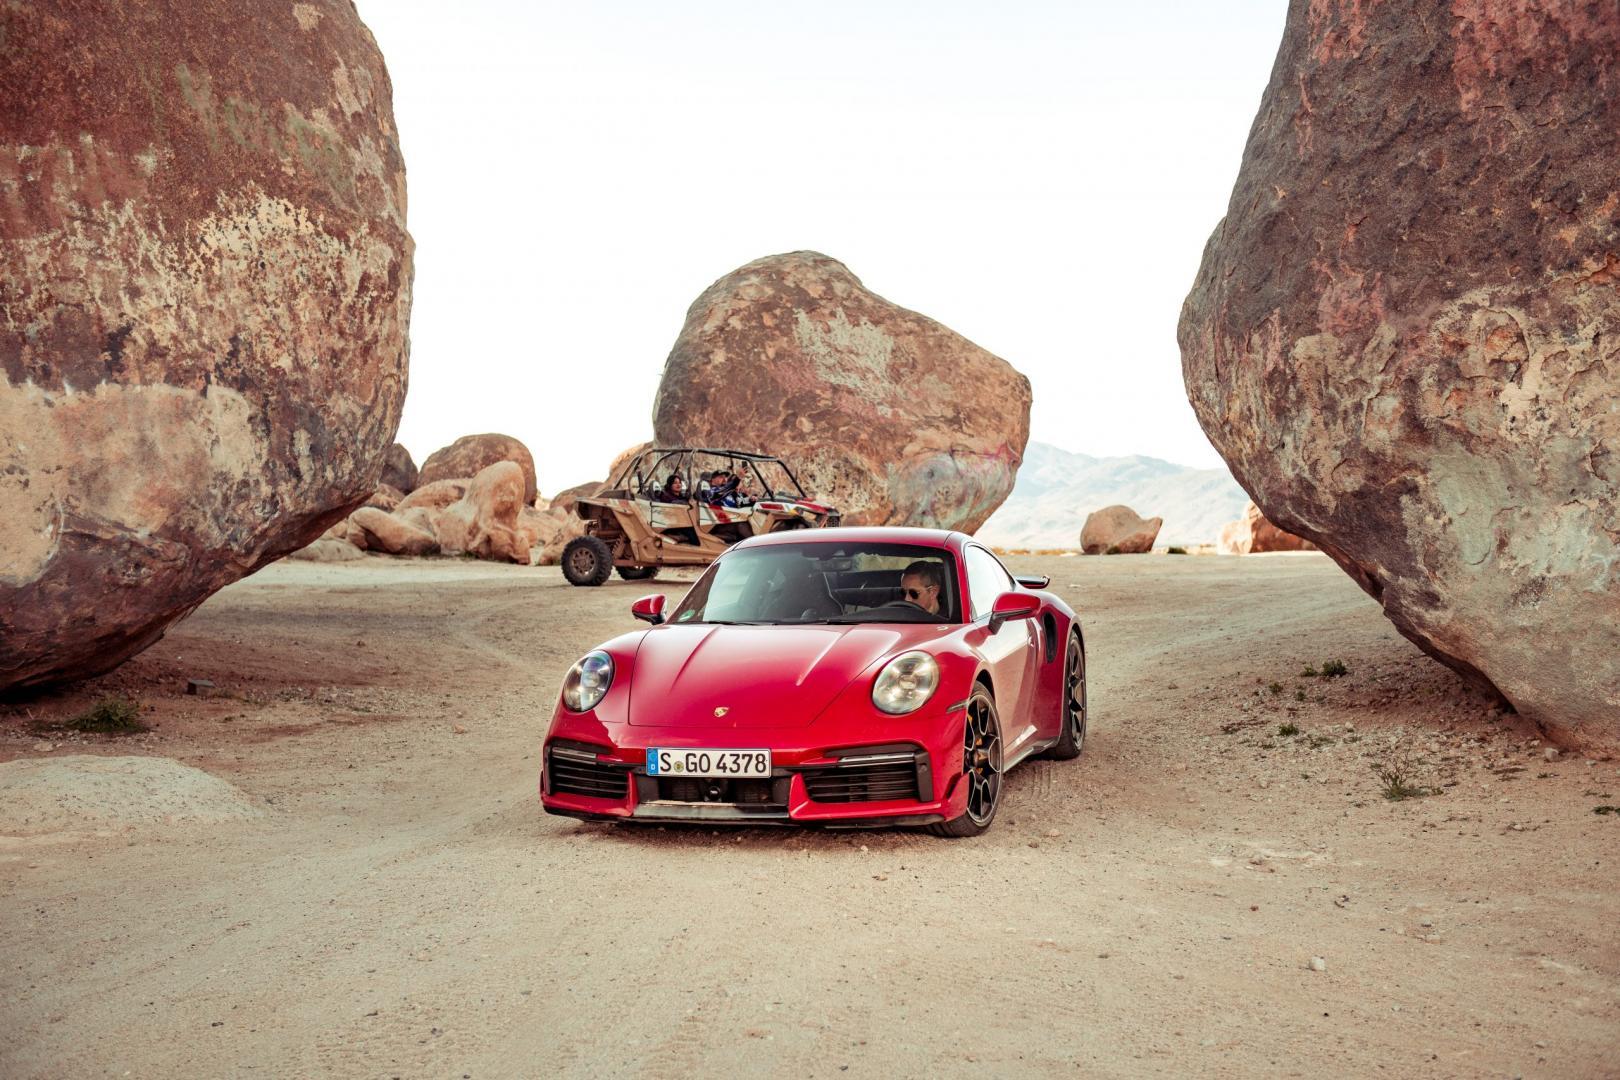 Porsche 911 Turbo S (992) in Amerikaanse woestijn met zand